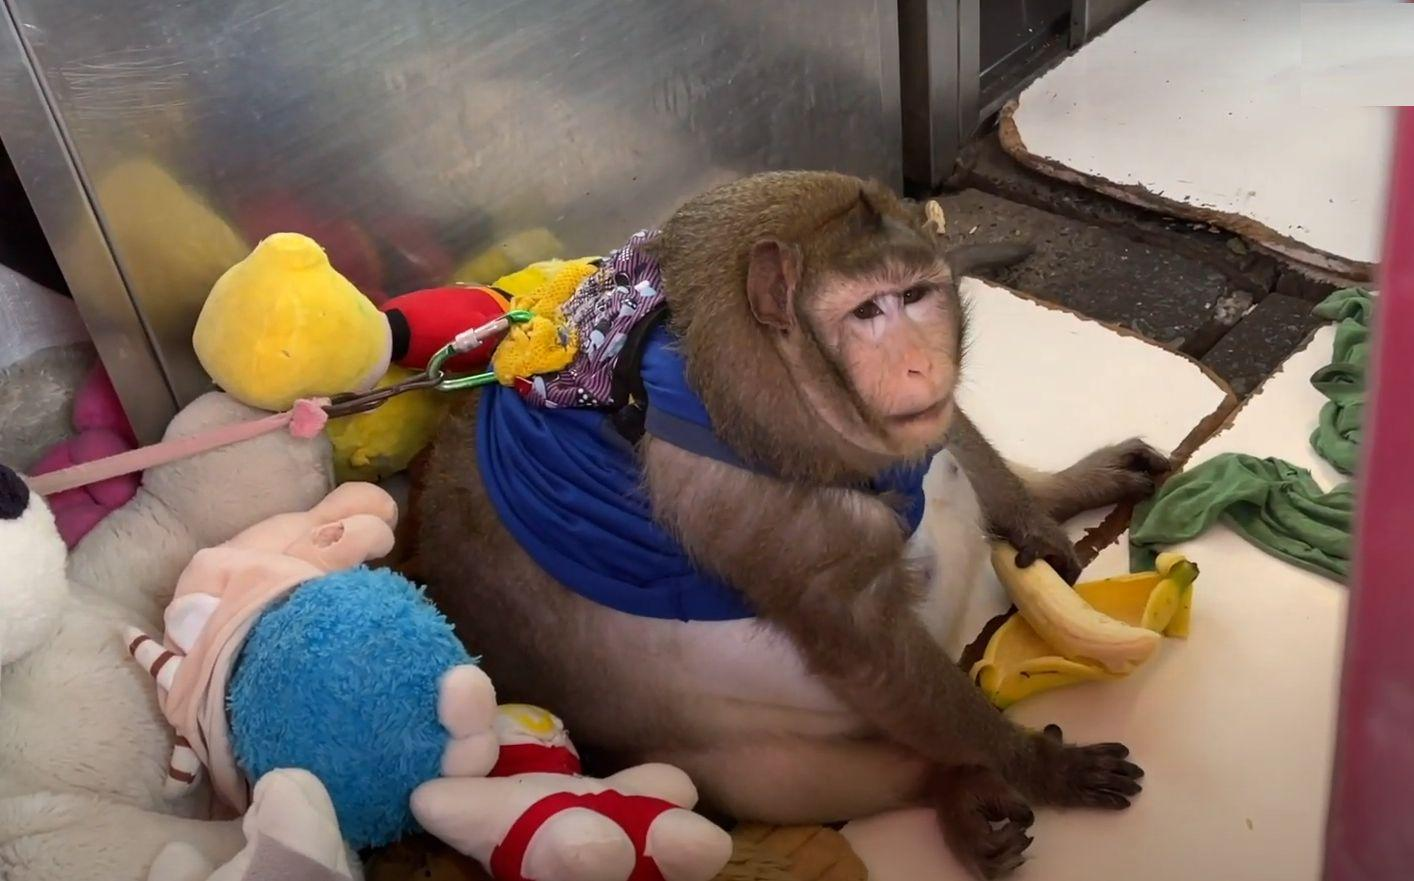 Godzilla, maimuța obeză din Thailanda cântărește peste 20 de kilograme